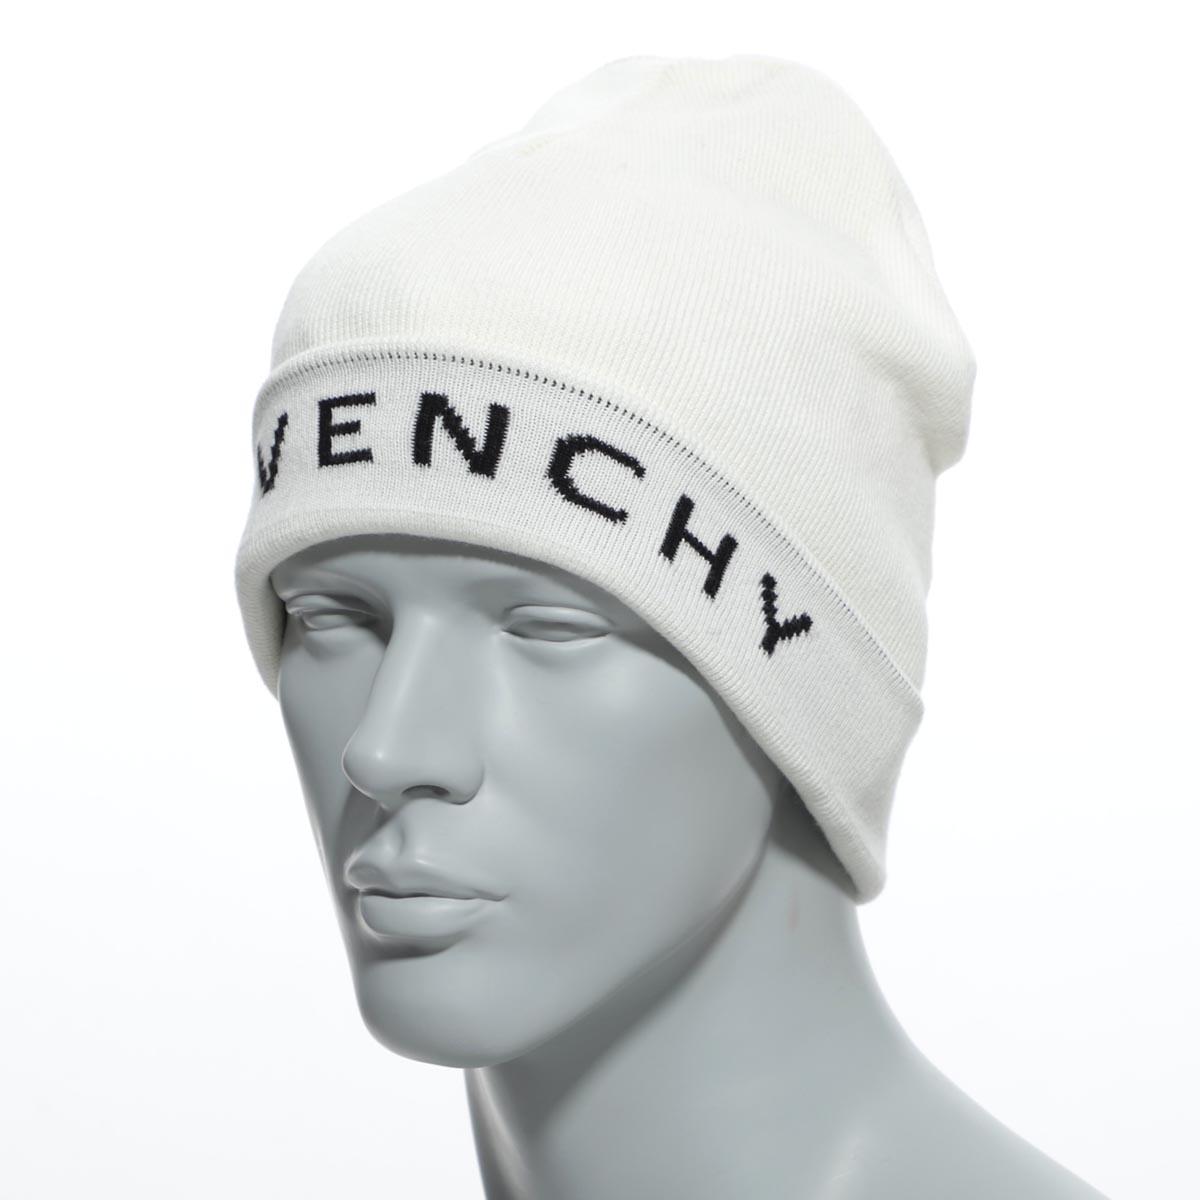 【送料無料】ジバンシー GIVENCHY ニットキャップ ジバンシー GIVENCHY ニットキャップ ホワイト メンズ ギフト プレゼント 帽子 gvcapp u1588 7【あす楽対応_関東】【返品送料無料】【ラッピング無料】